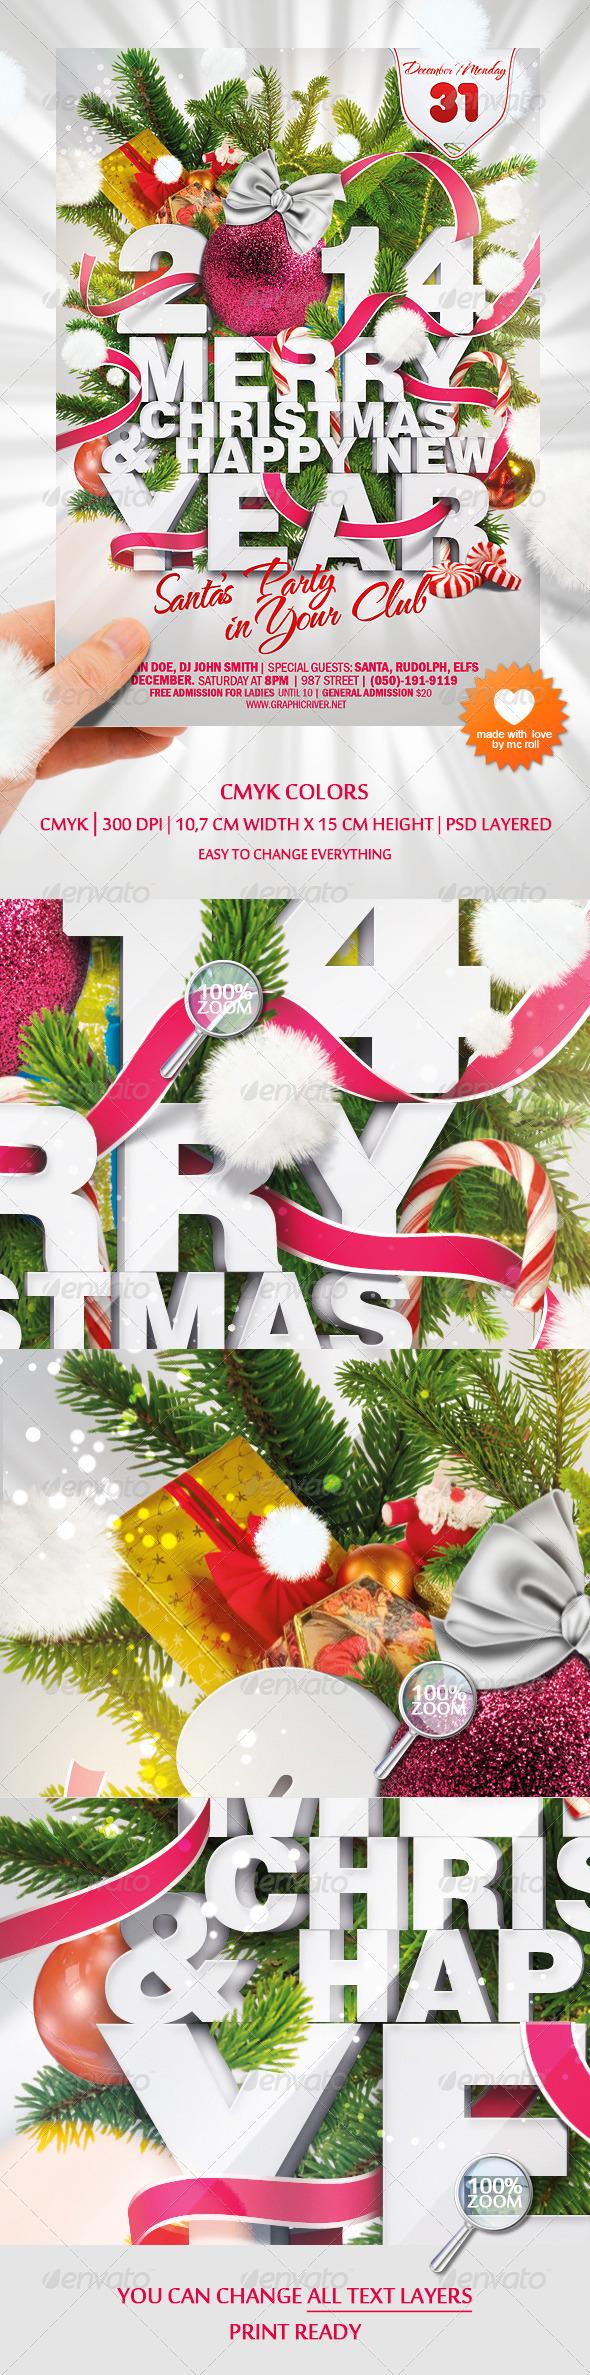 Flayer de Navidad Happy